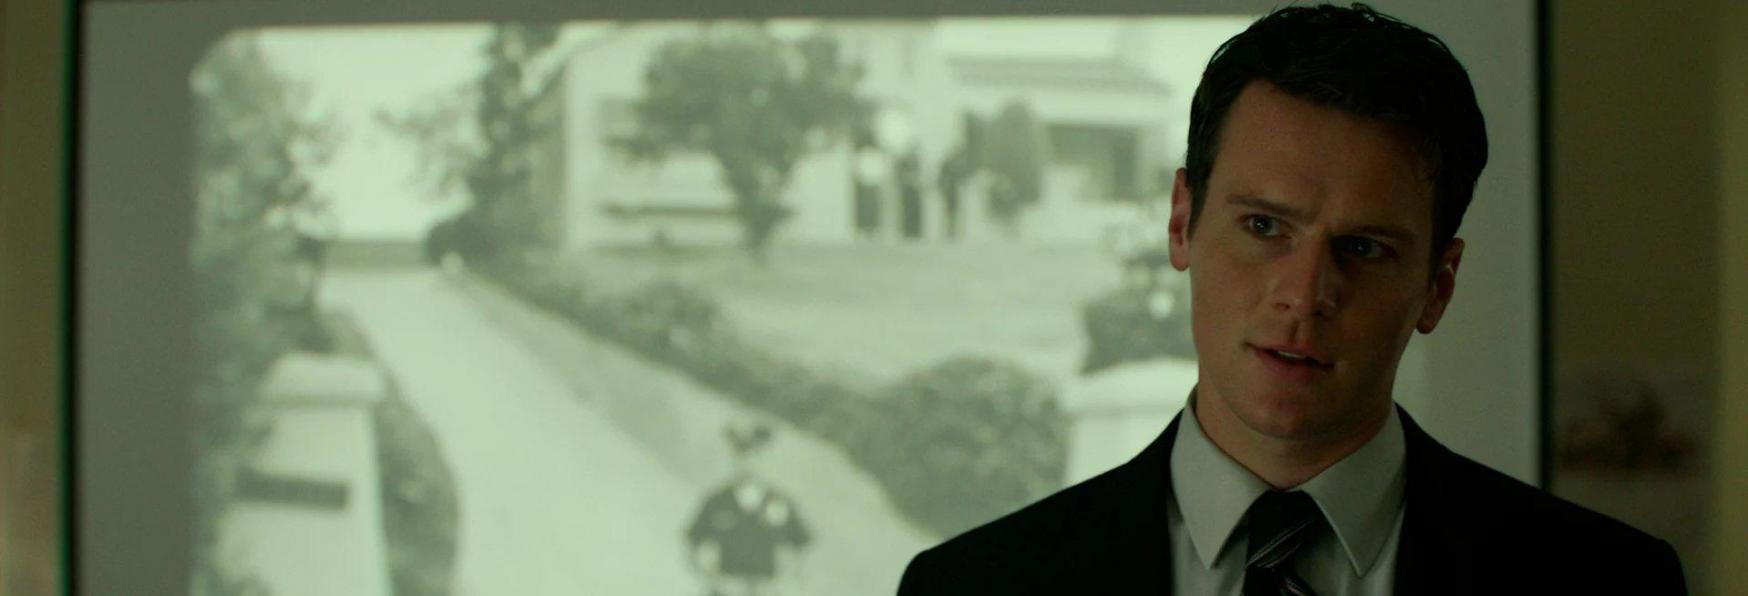 Si torna a parlare di Mindhunter 3. Quale sarà il Futuro della Serie TV?